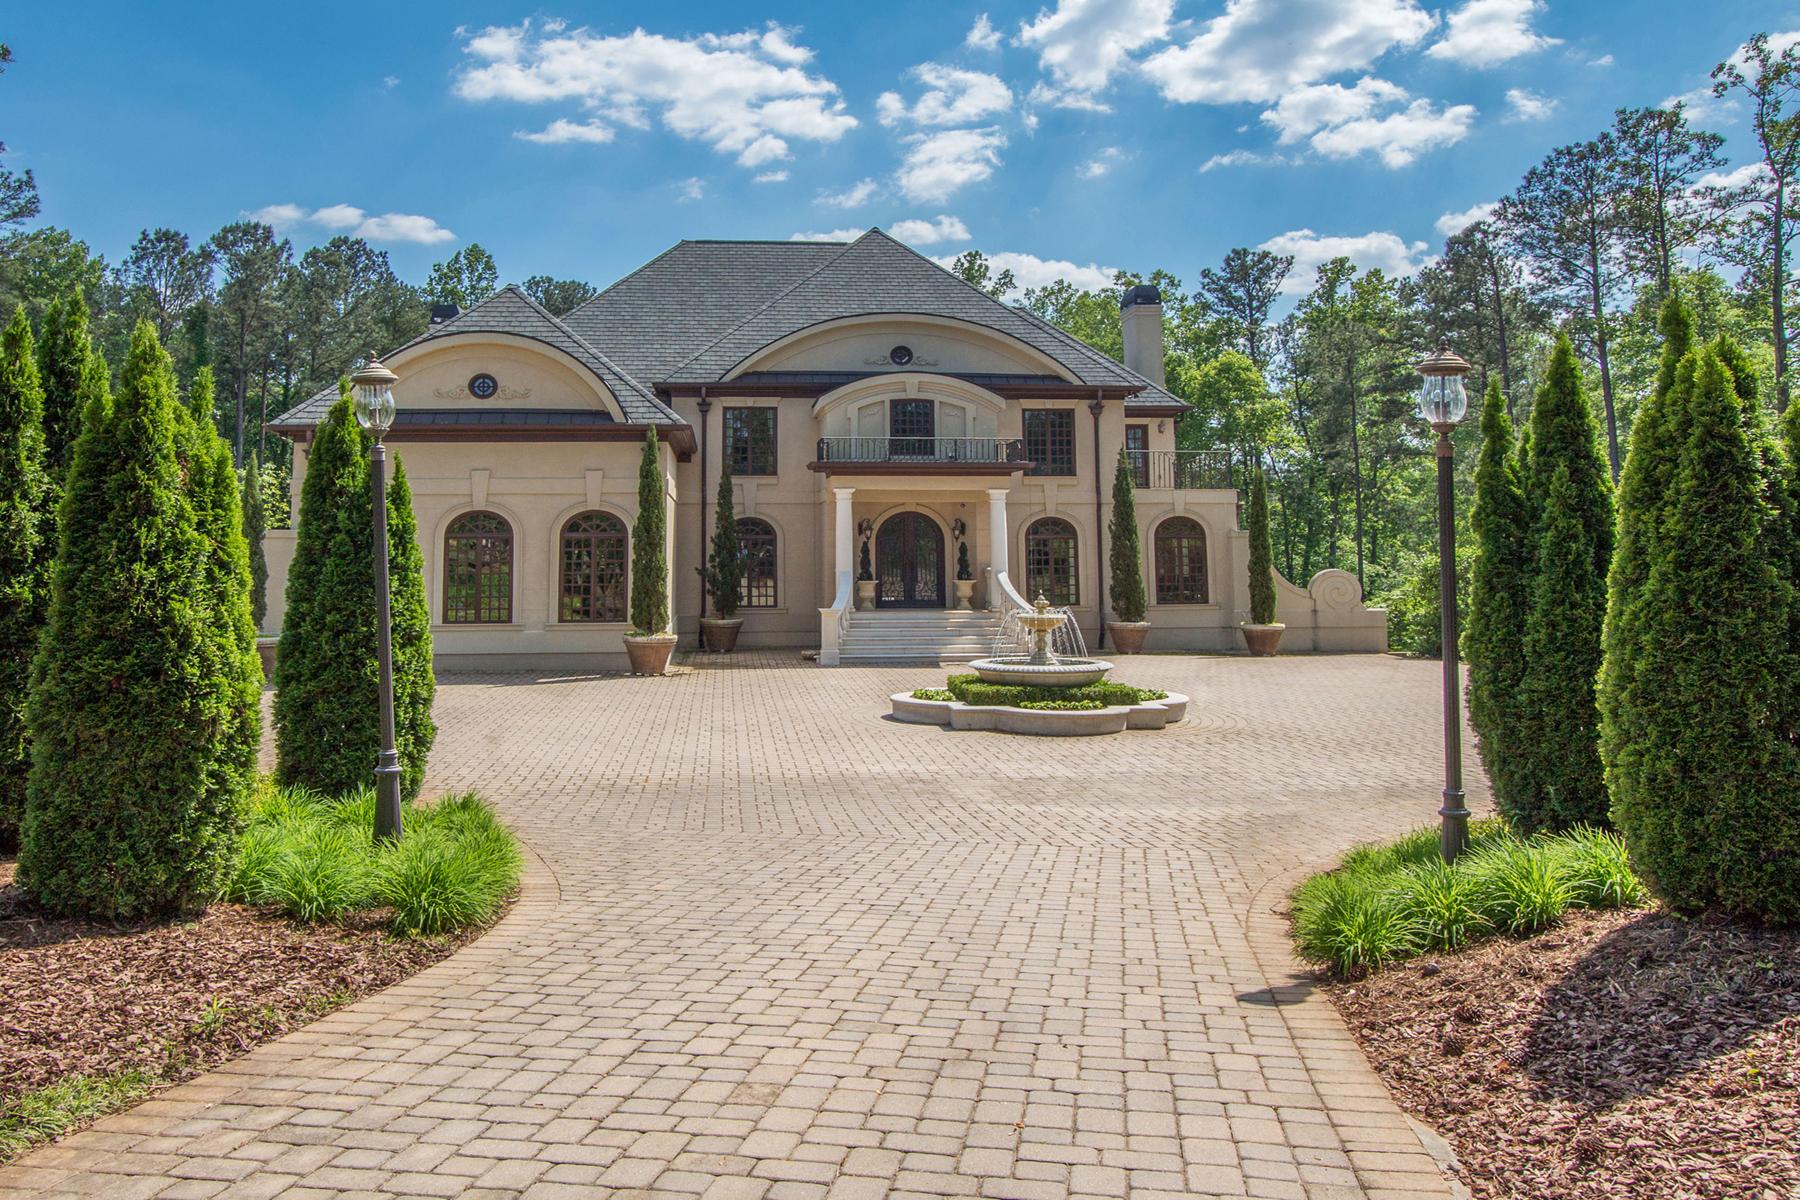 Villa per Vendita alle ore Stunning Mediterranean Style Estate 20 Allatoona Estates Drive SE Acworth, Georgia, 30102 Stati Uniti